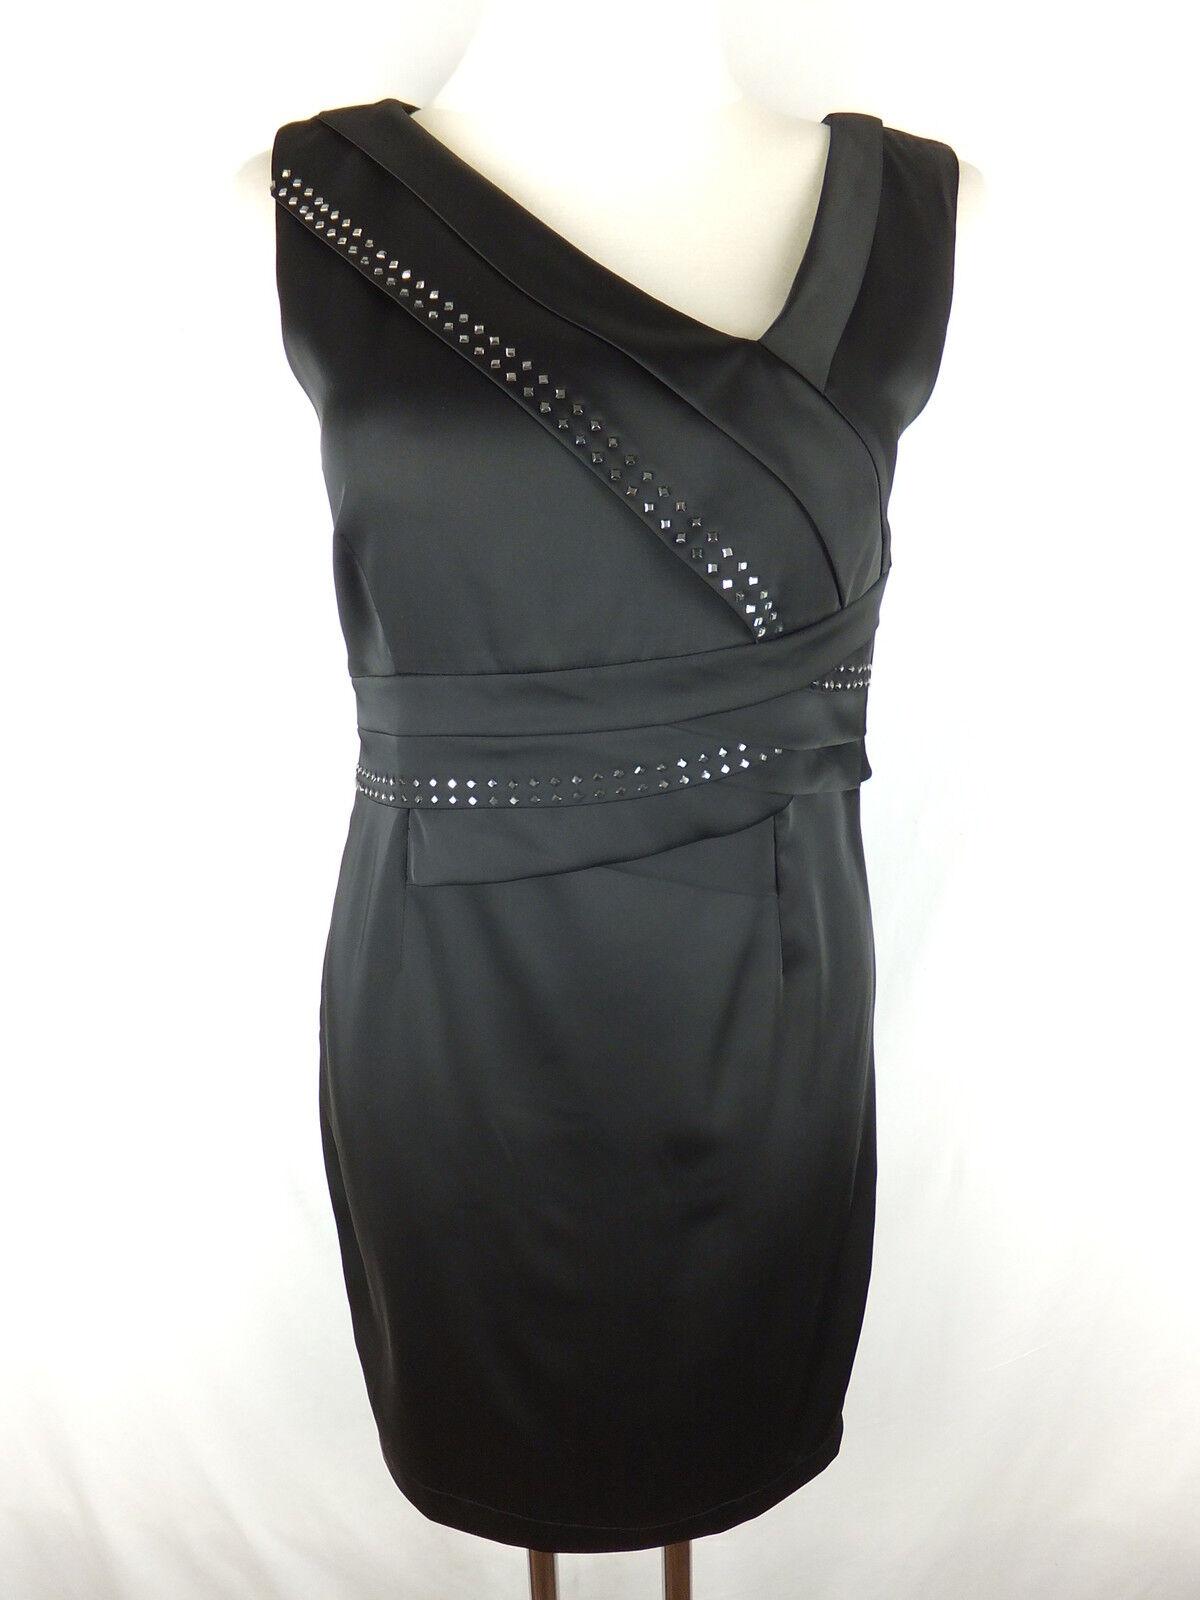 ROCCOBAROCCO Kleid - 38  M - schwarz - neu m. Etikett - mit Nieten - asymetrisch